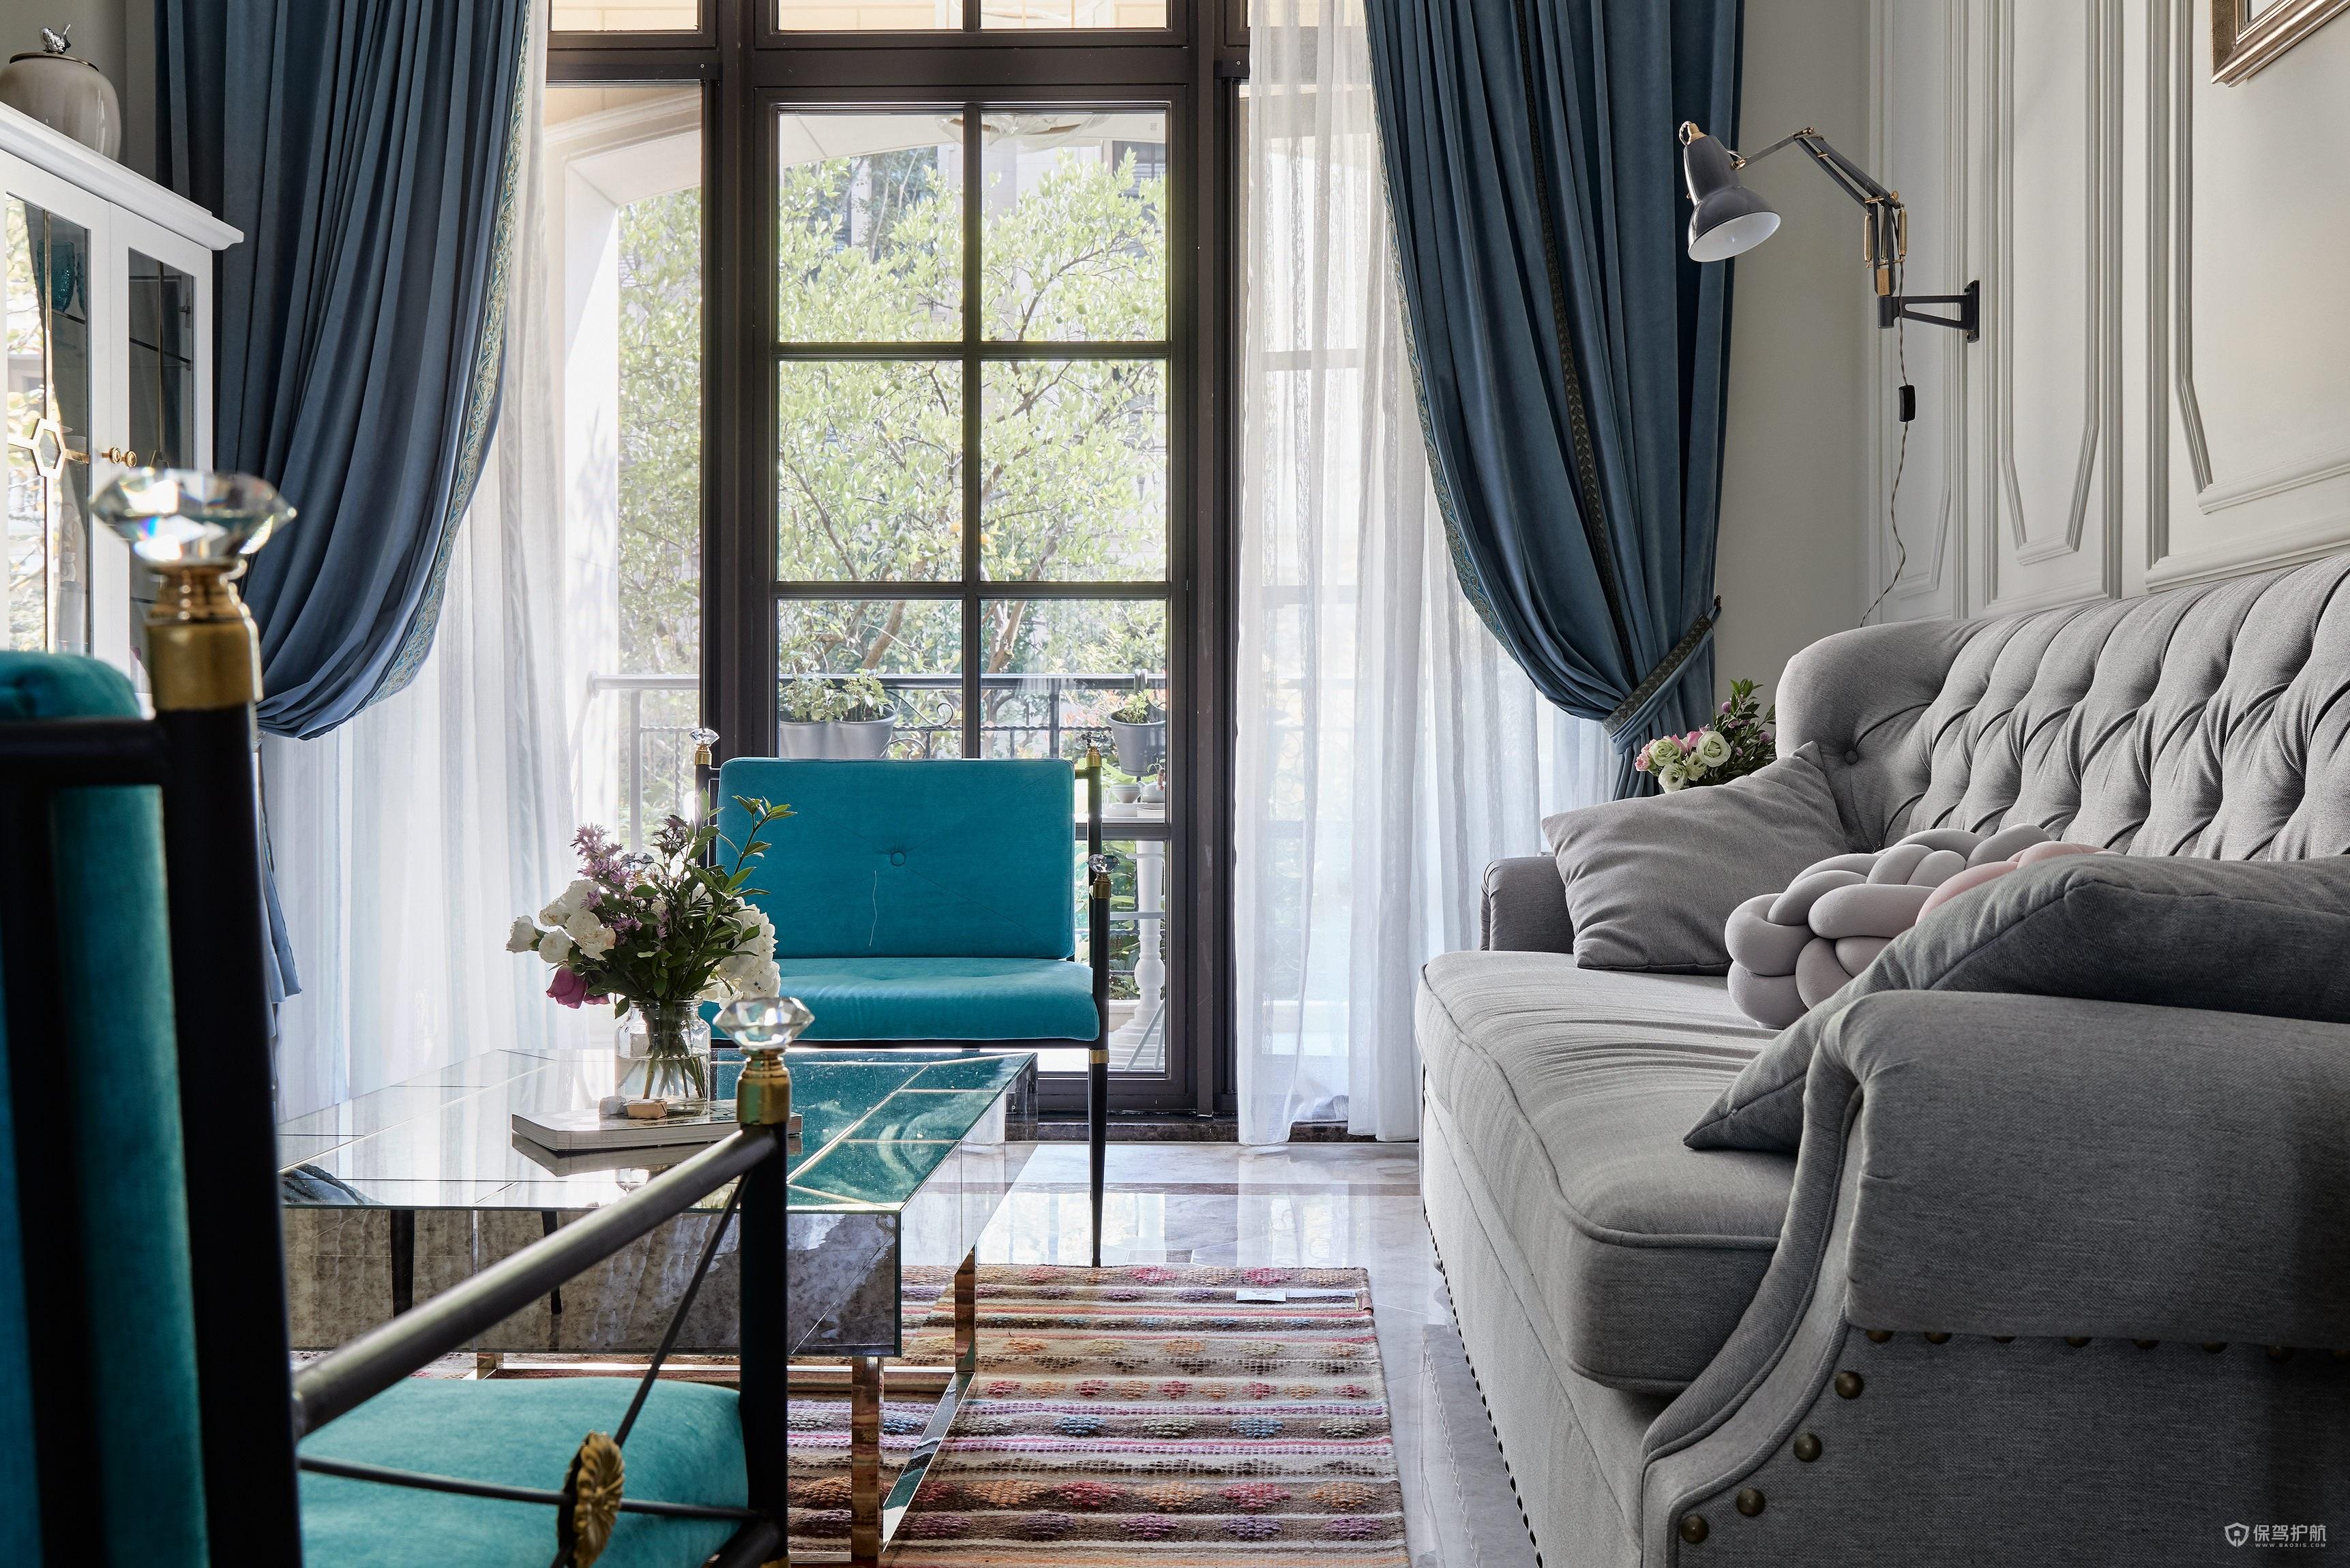 2019最流行的门窗效果图,窗户窗帘怎么搭配好看?